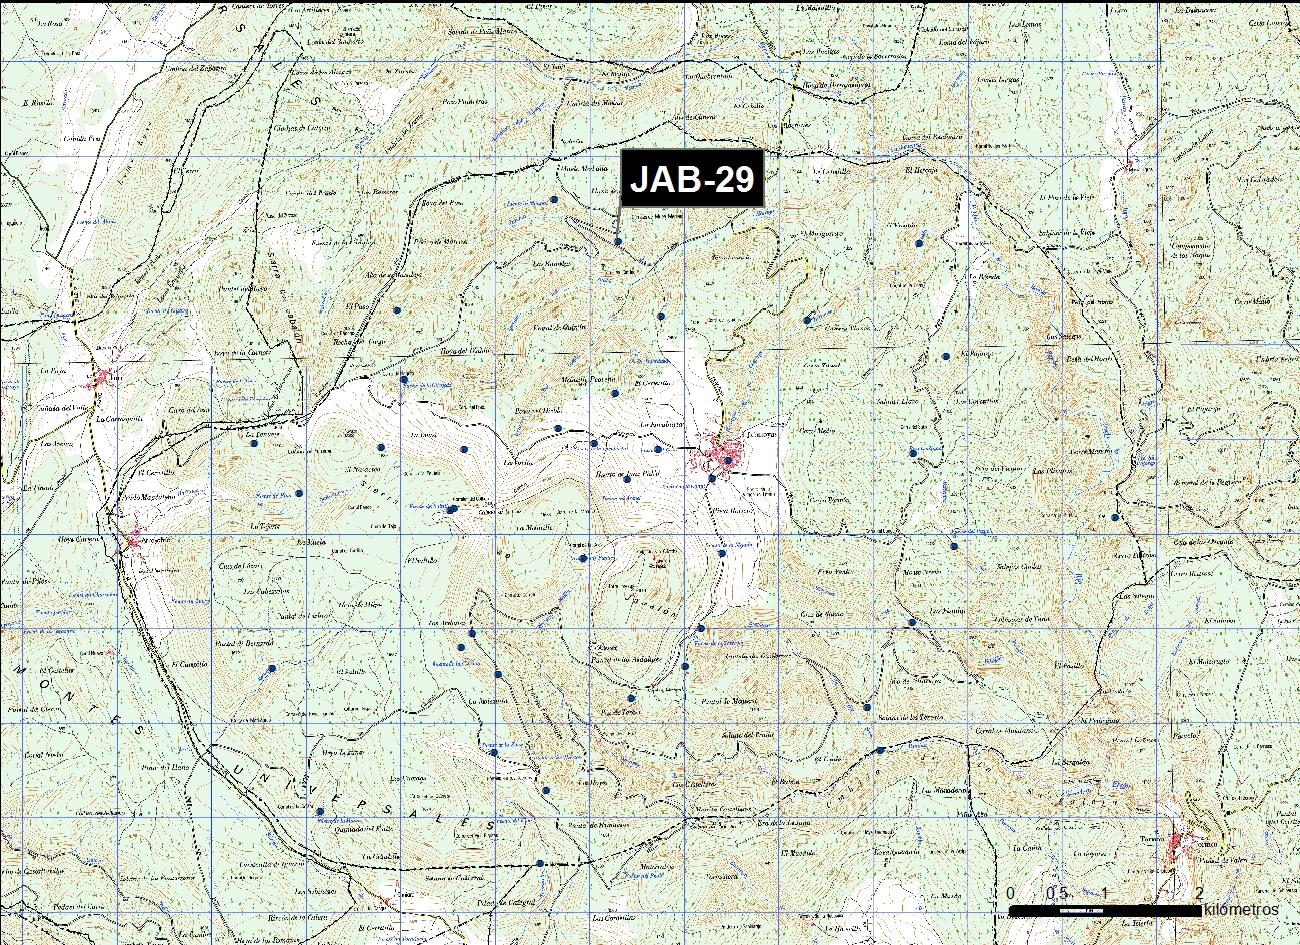 JAB_29_M.V.LOZANO_CANALICA_MAP.TOPO 1